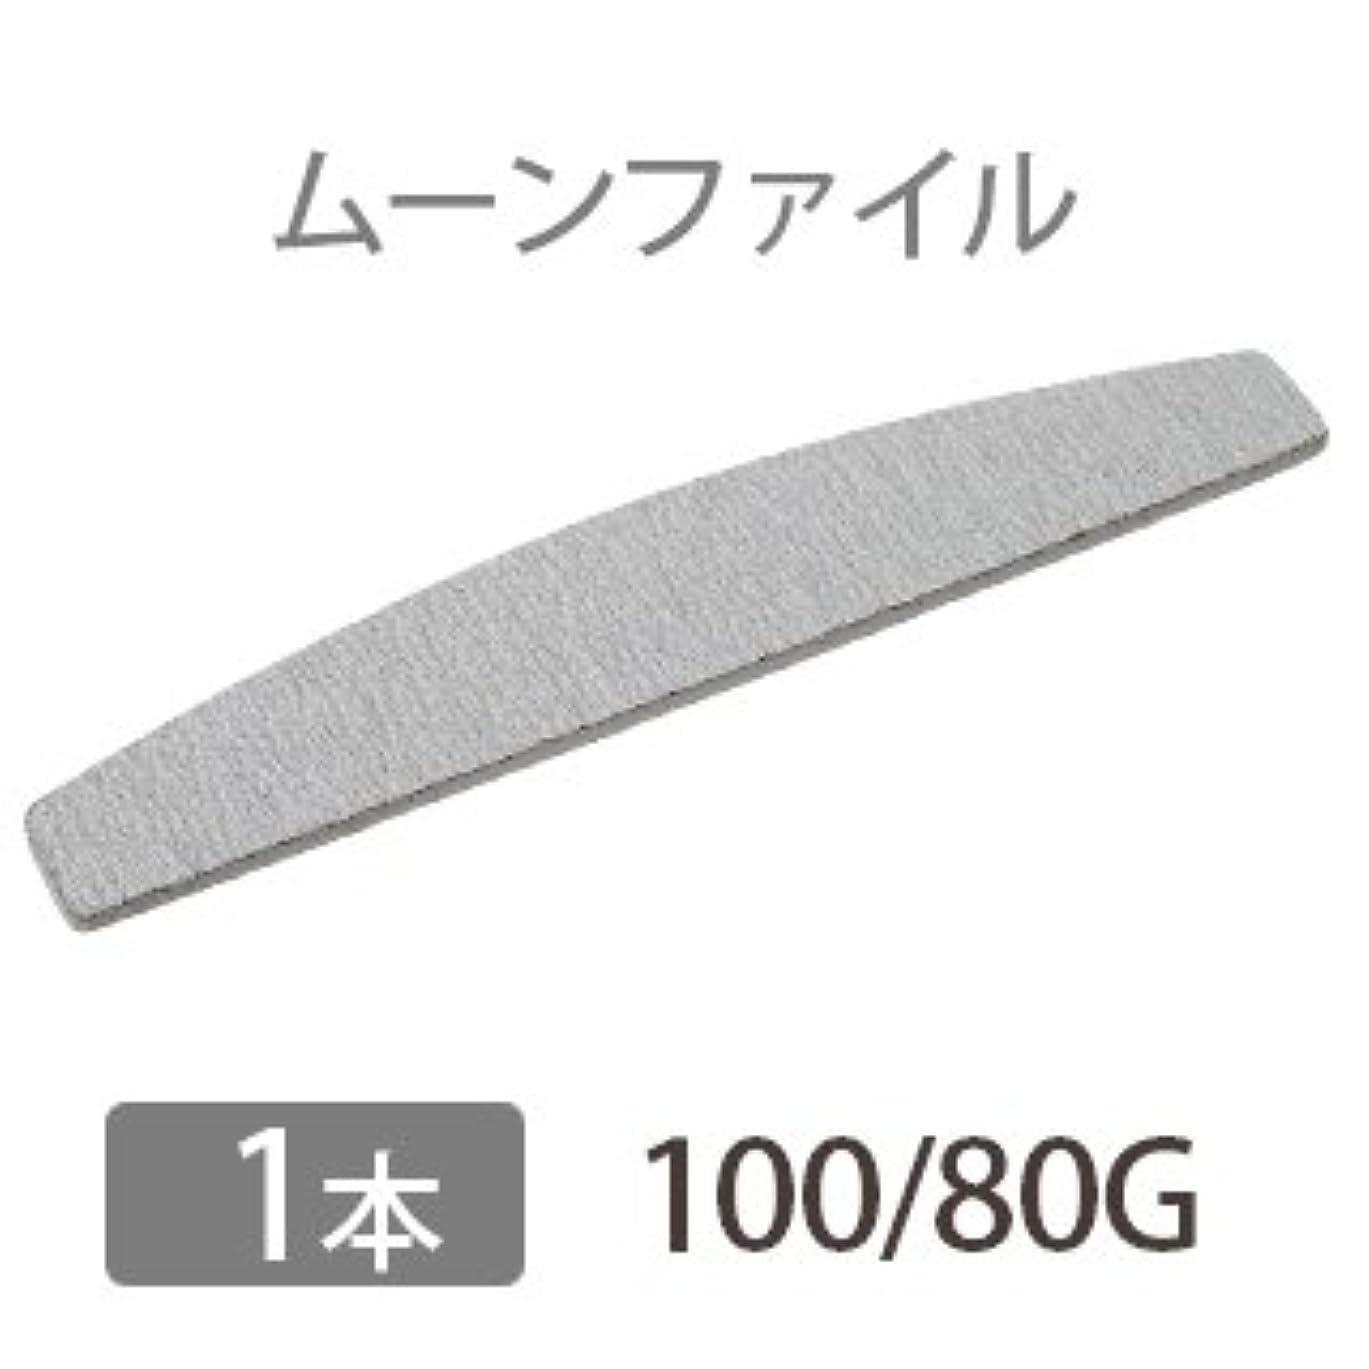 文庫本筋肉の冷えるムーンファイル 100/80 【ネイル オフ ケア用品】